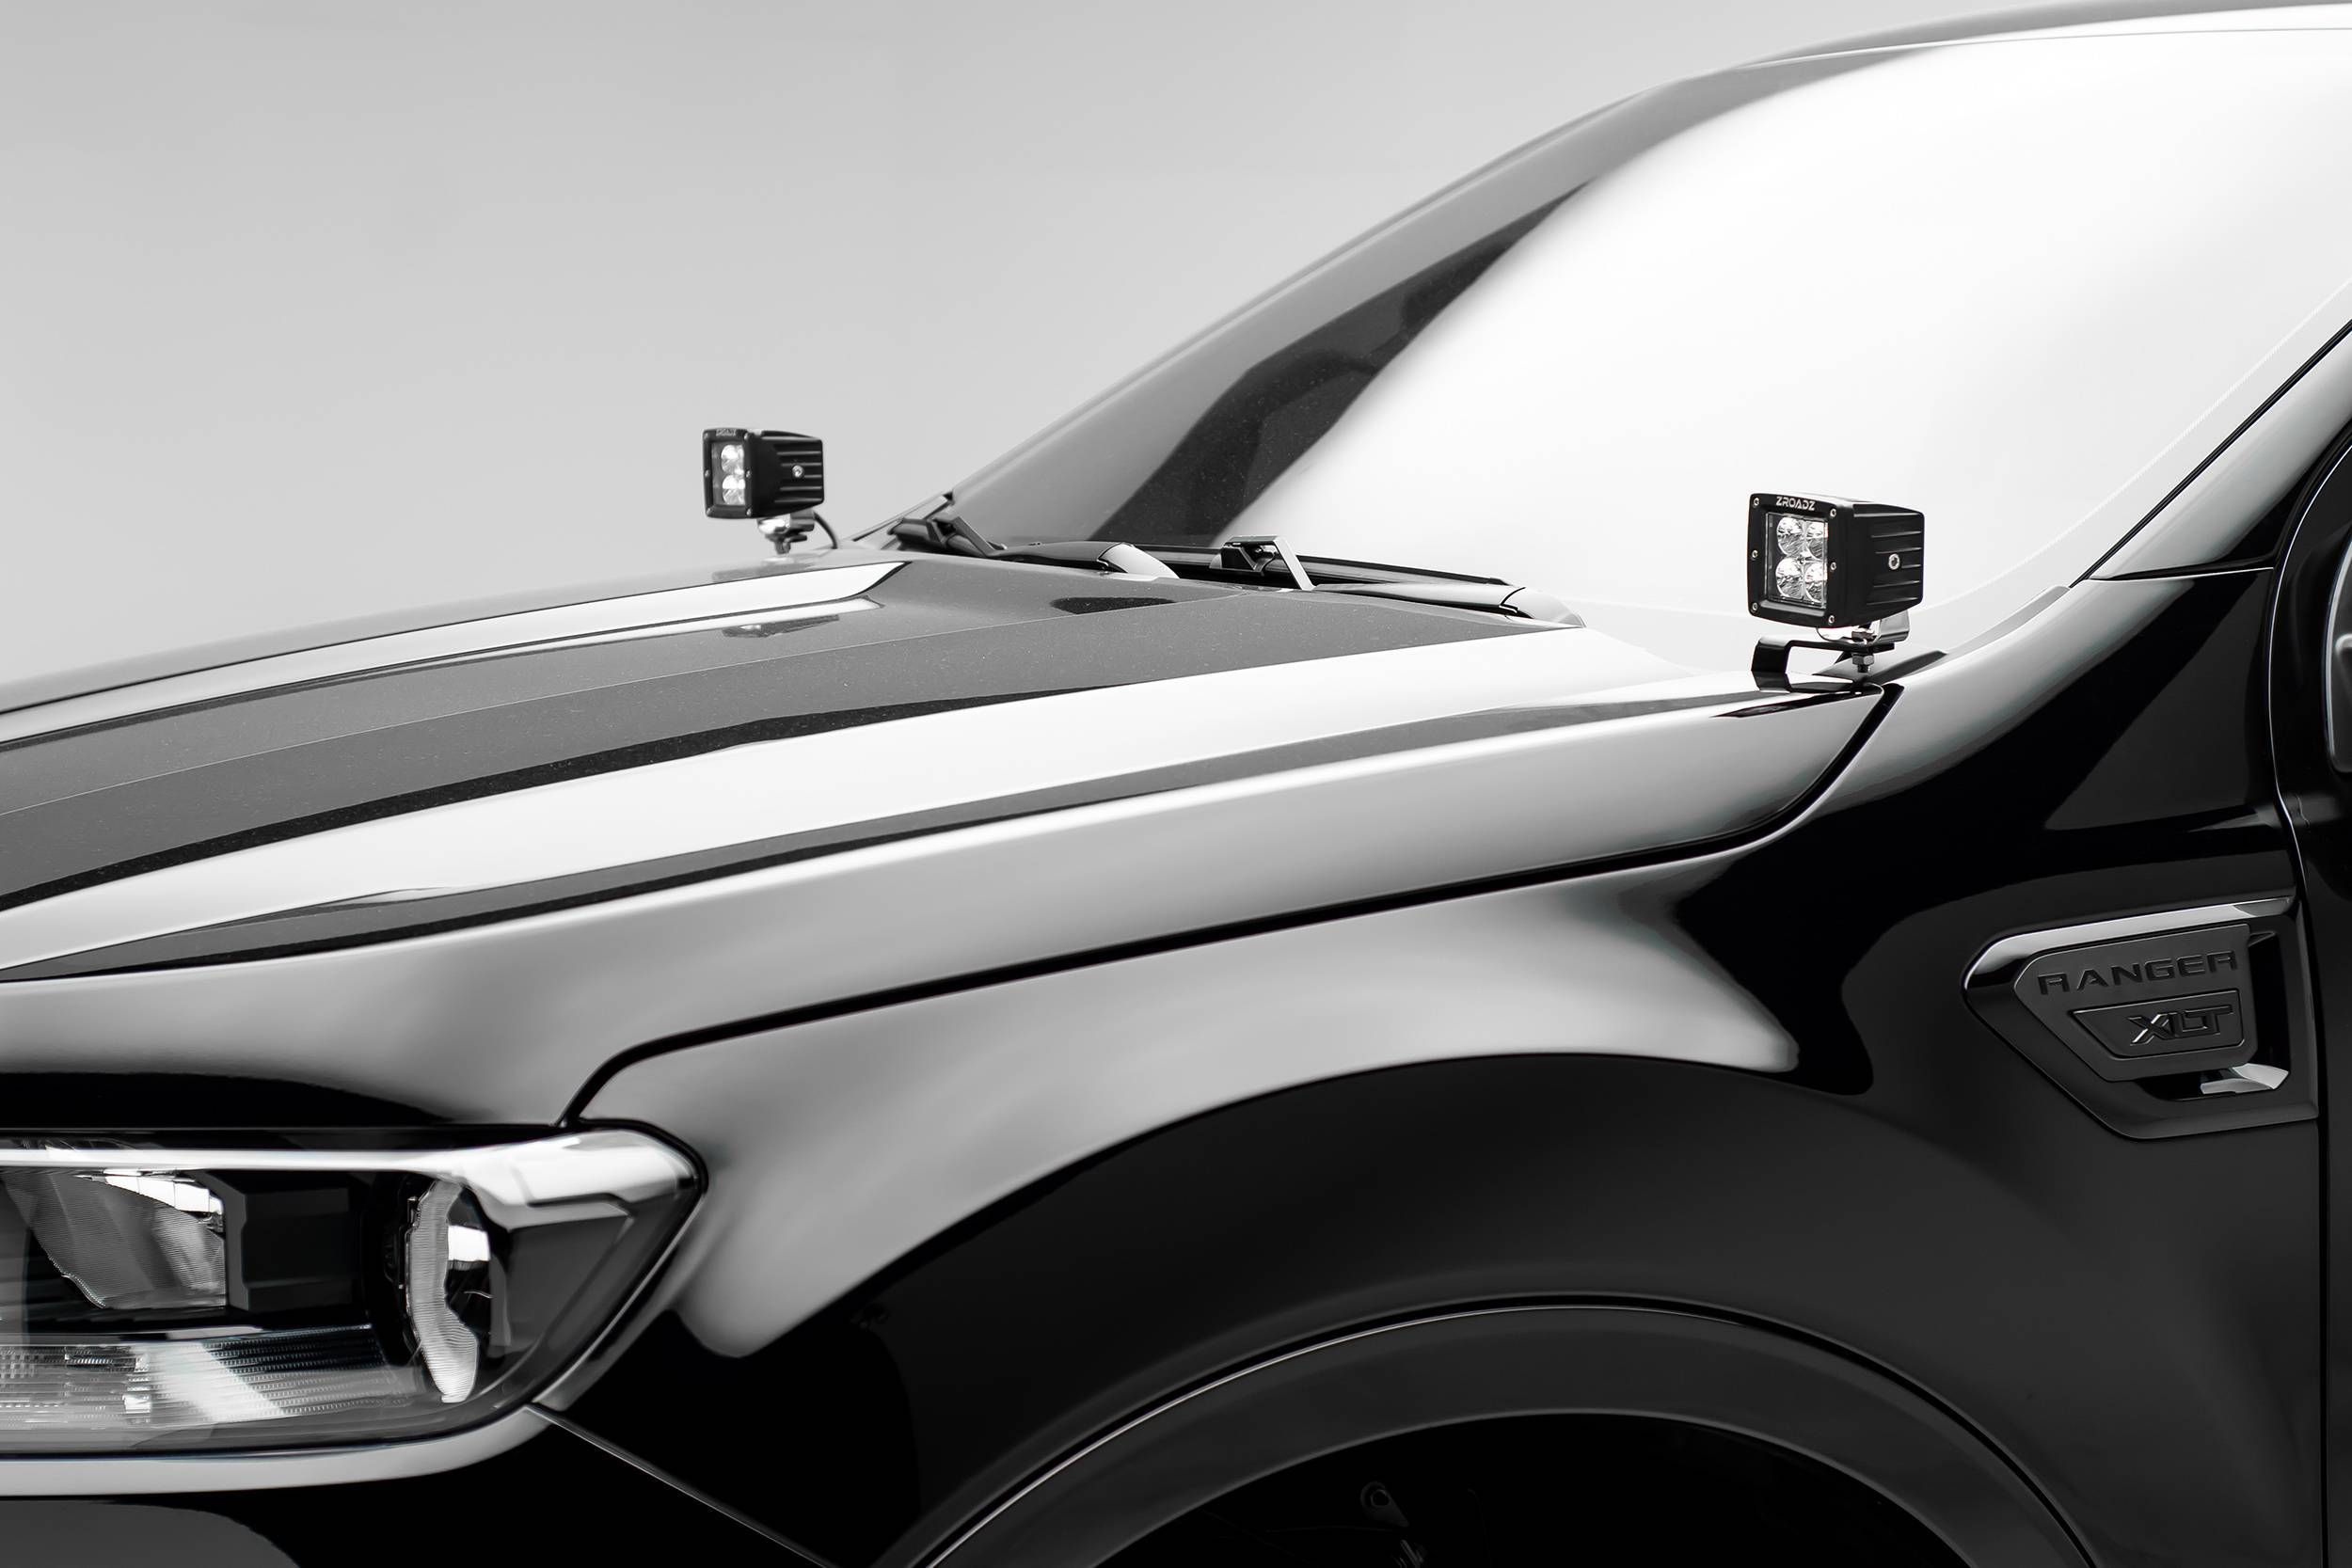 ZROADZ - 2019-2021 Ford Ranger Hood Hinge LED Kit with (2) 3 Inch LED Pod Lights - PN #Z365821-KIT2